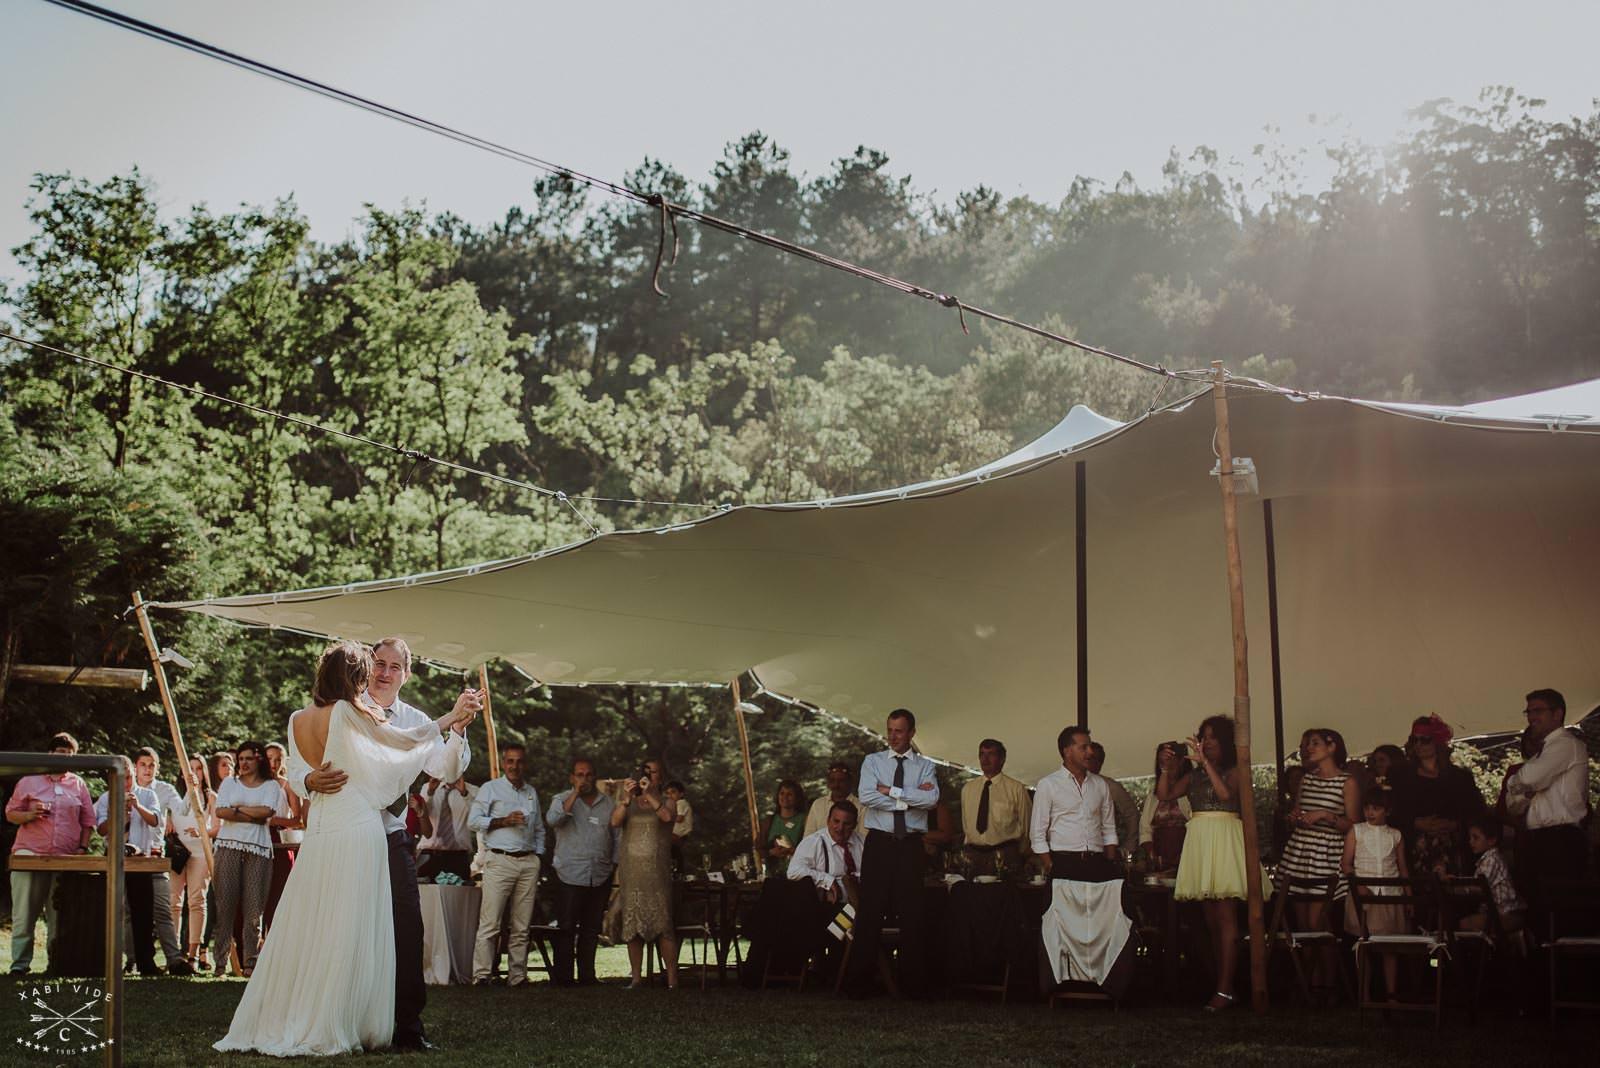 fotografo de bodas en bilbao-137